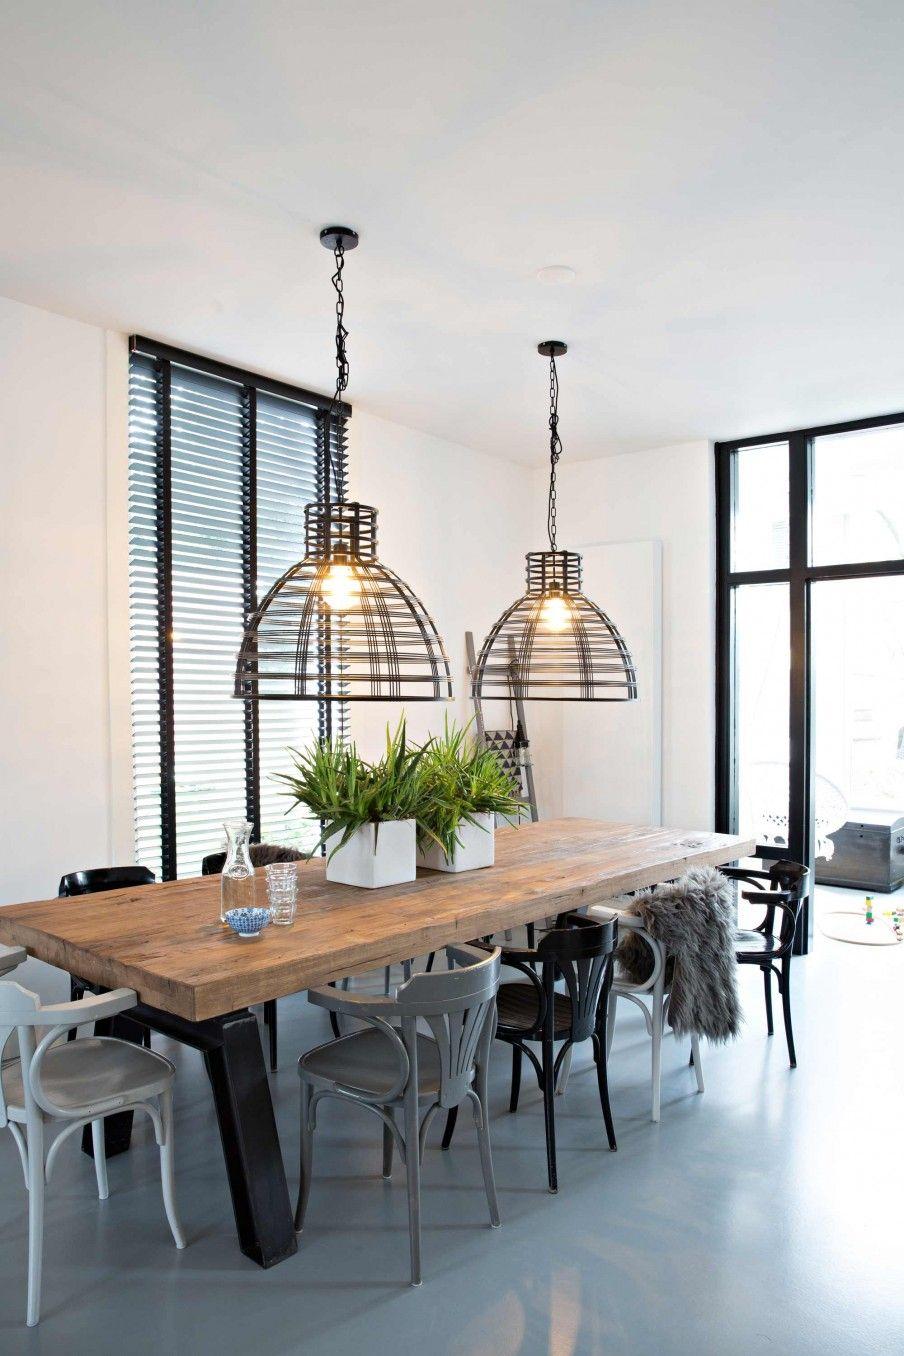 houten eettafel met industrile lampen wooden dining table and industrial lamps vtwonen binnenkijken special